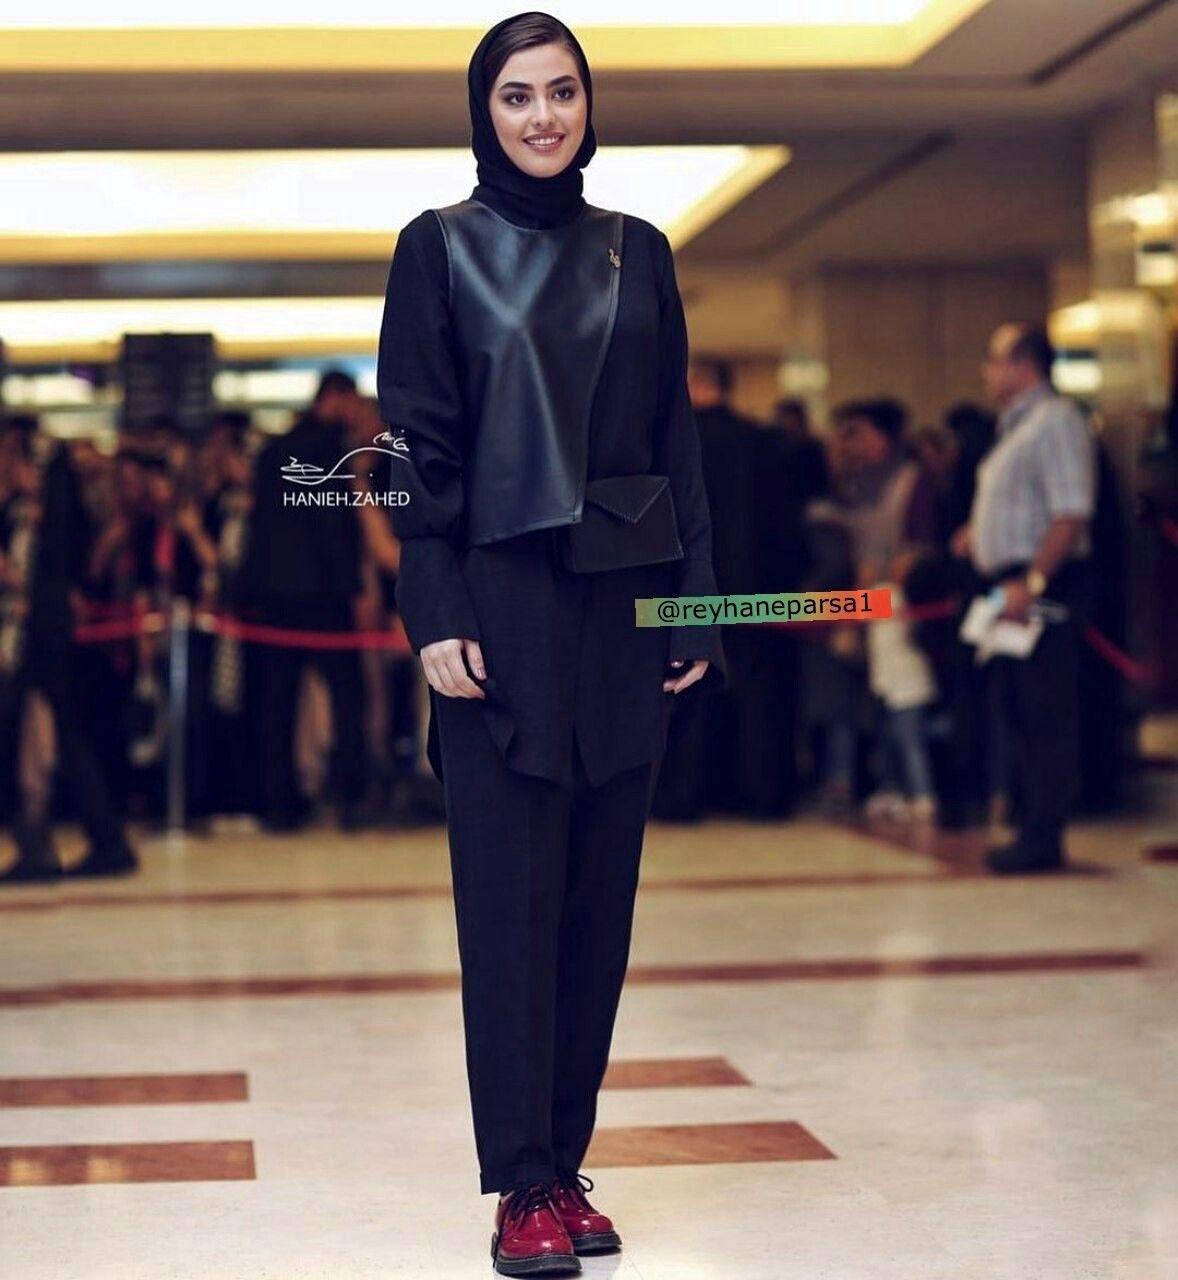 Reyhane parsa   Iranian models, Fashion models, Style